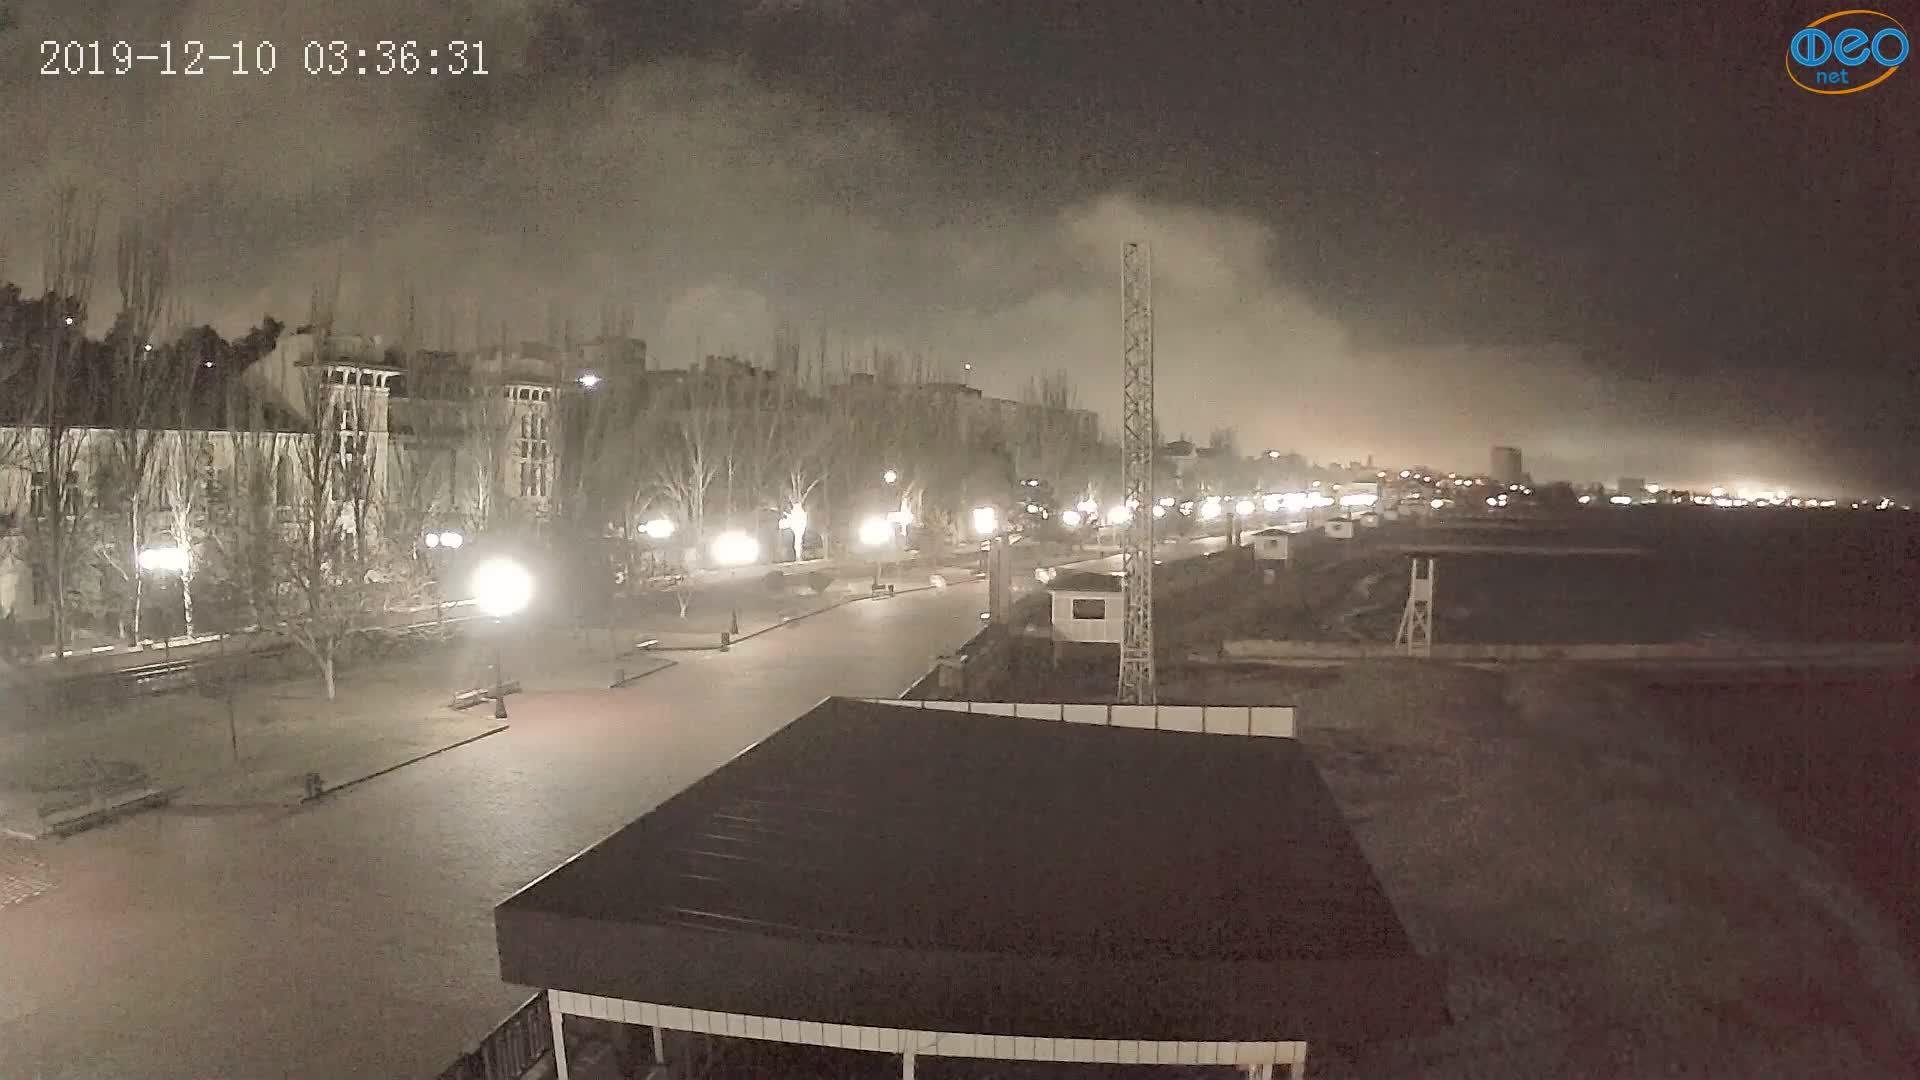 Веб-камеры Феодосии, Пляж Камешки, 2019-12-10 03:36:55